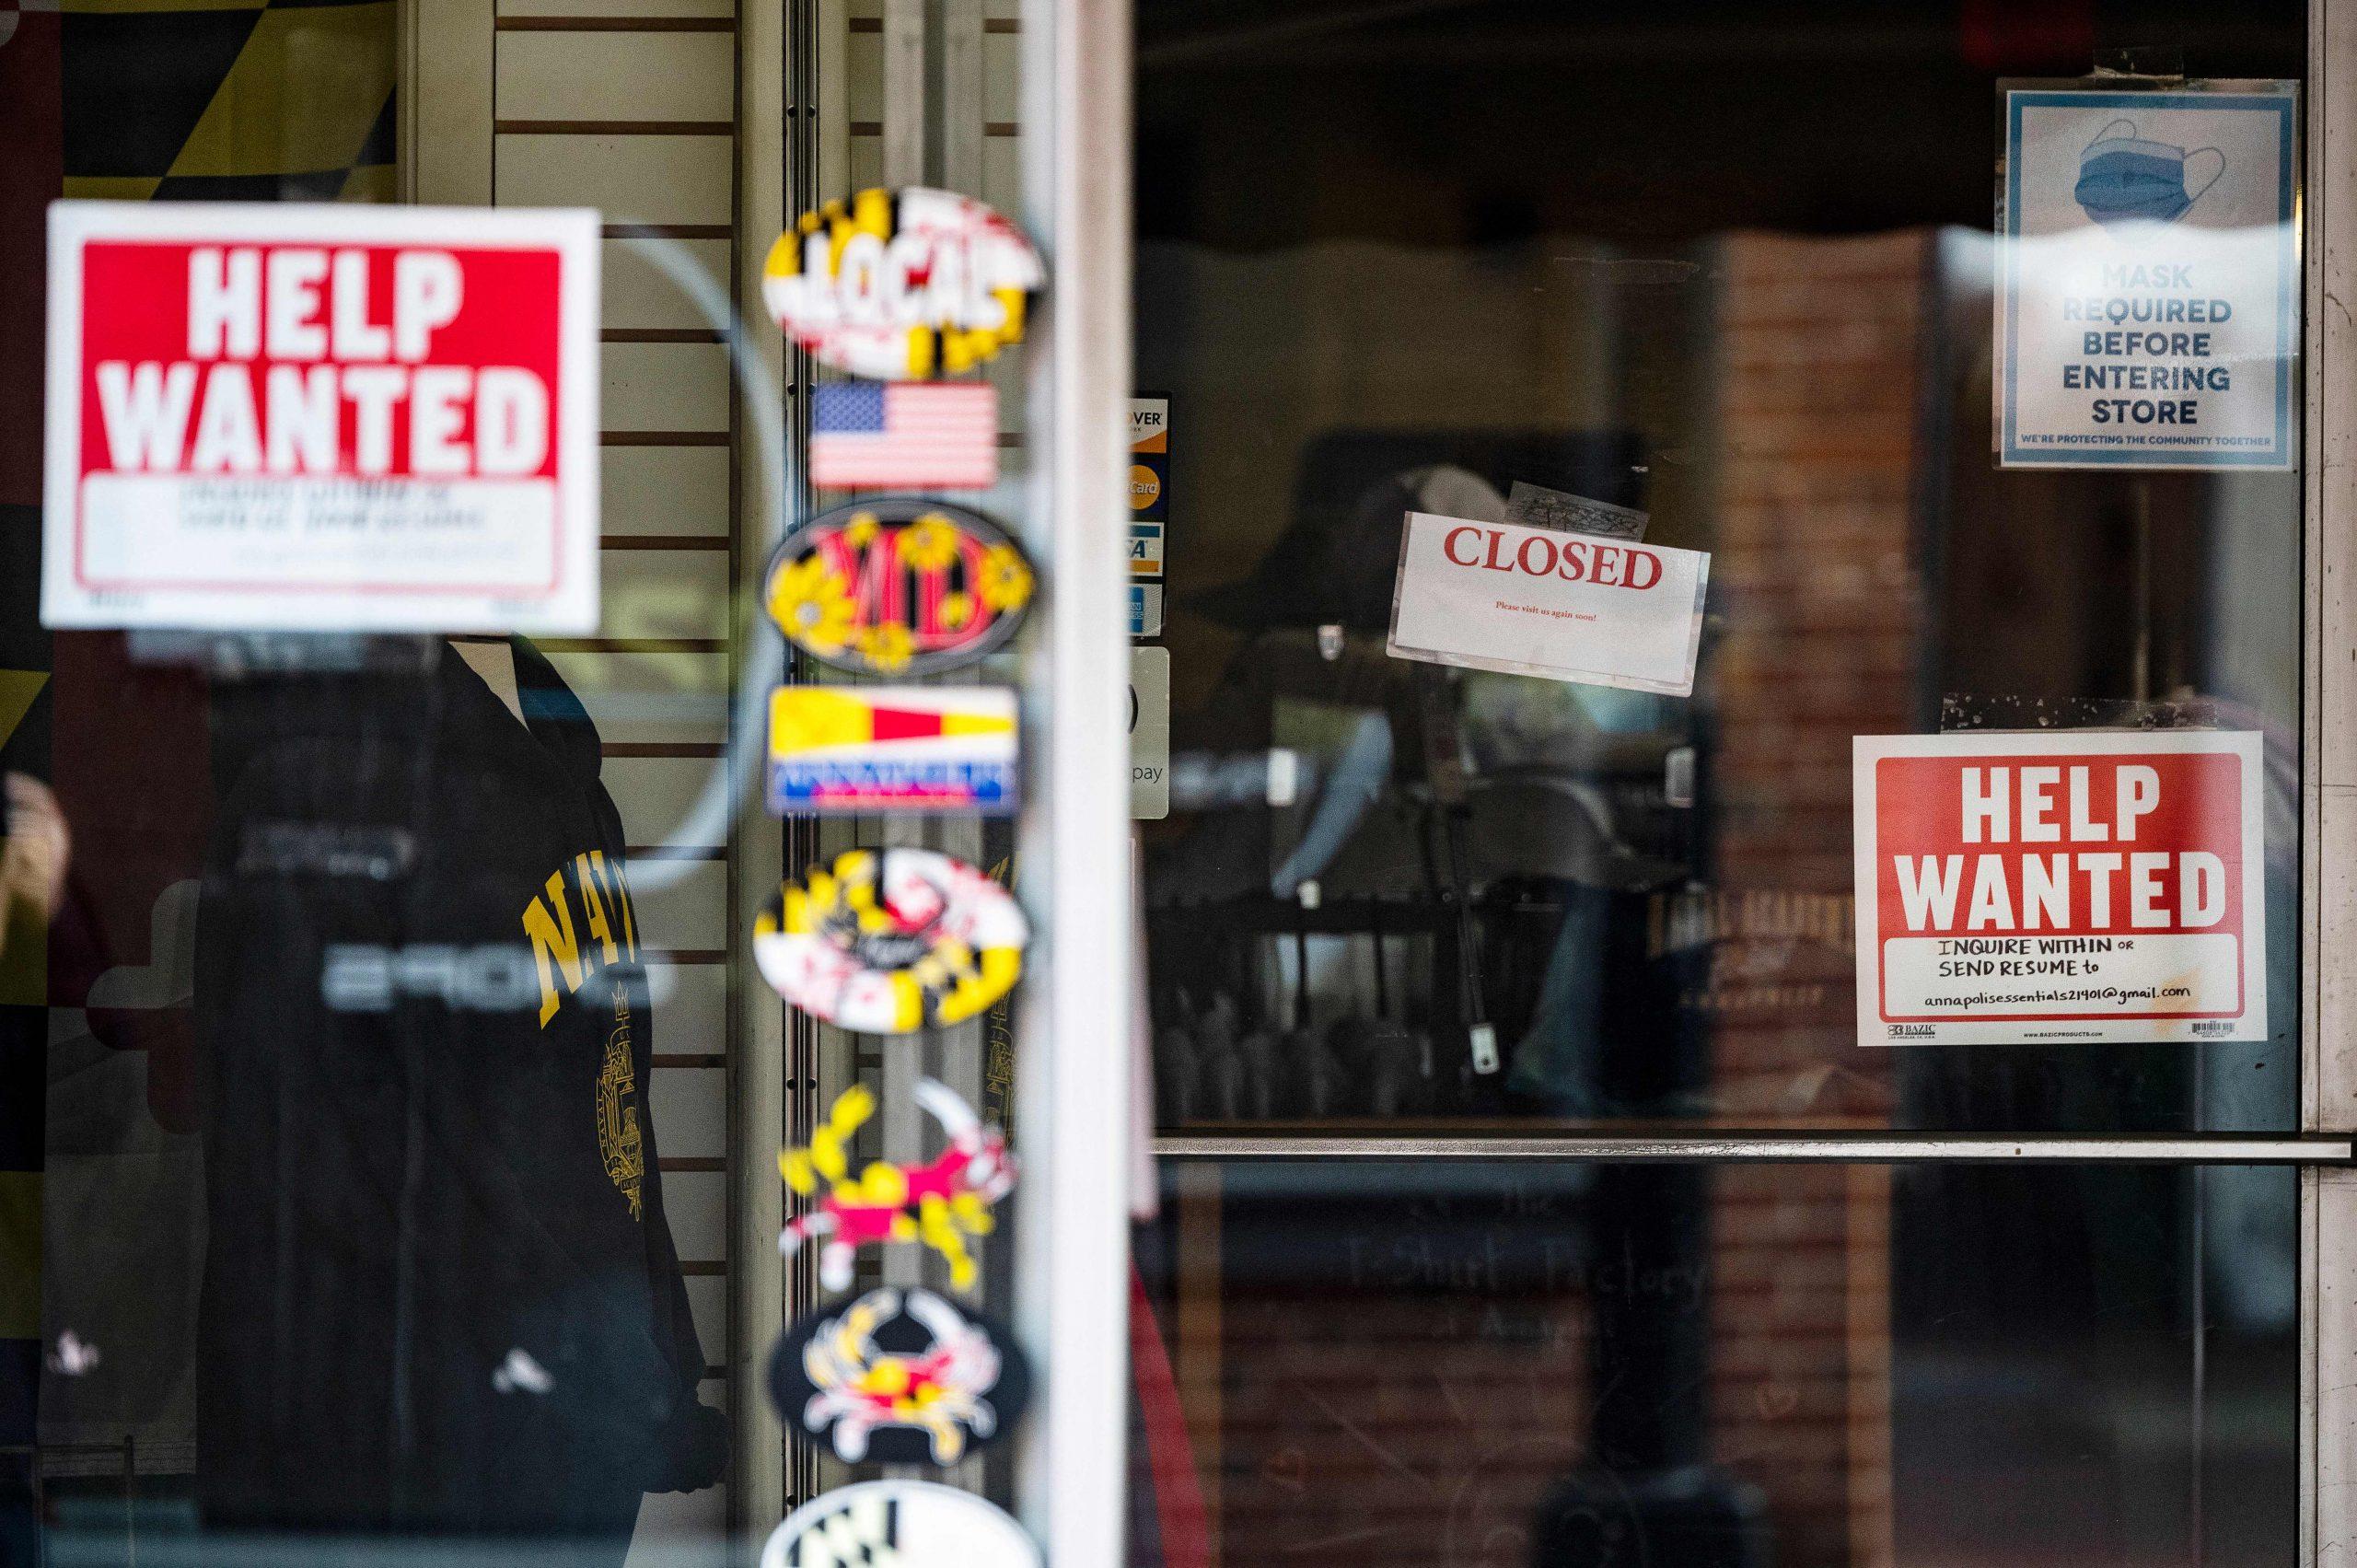 El desempleo de larga duración está cayendo por primera vez durante la pandemia